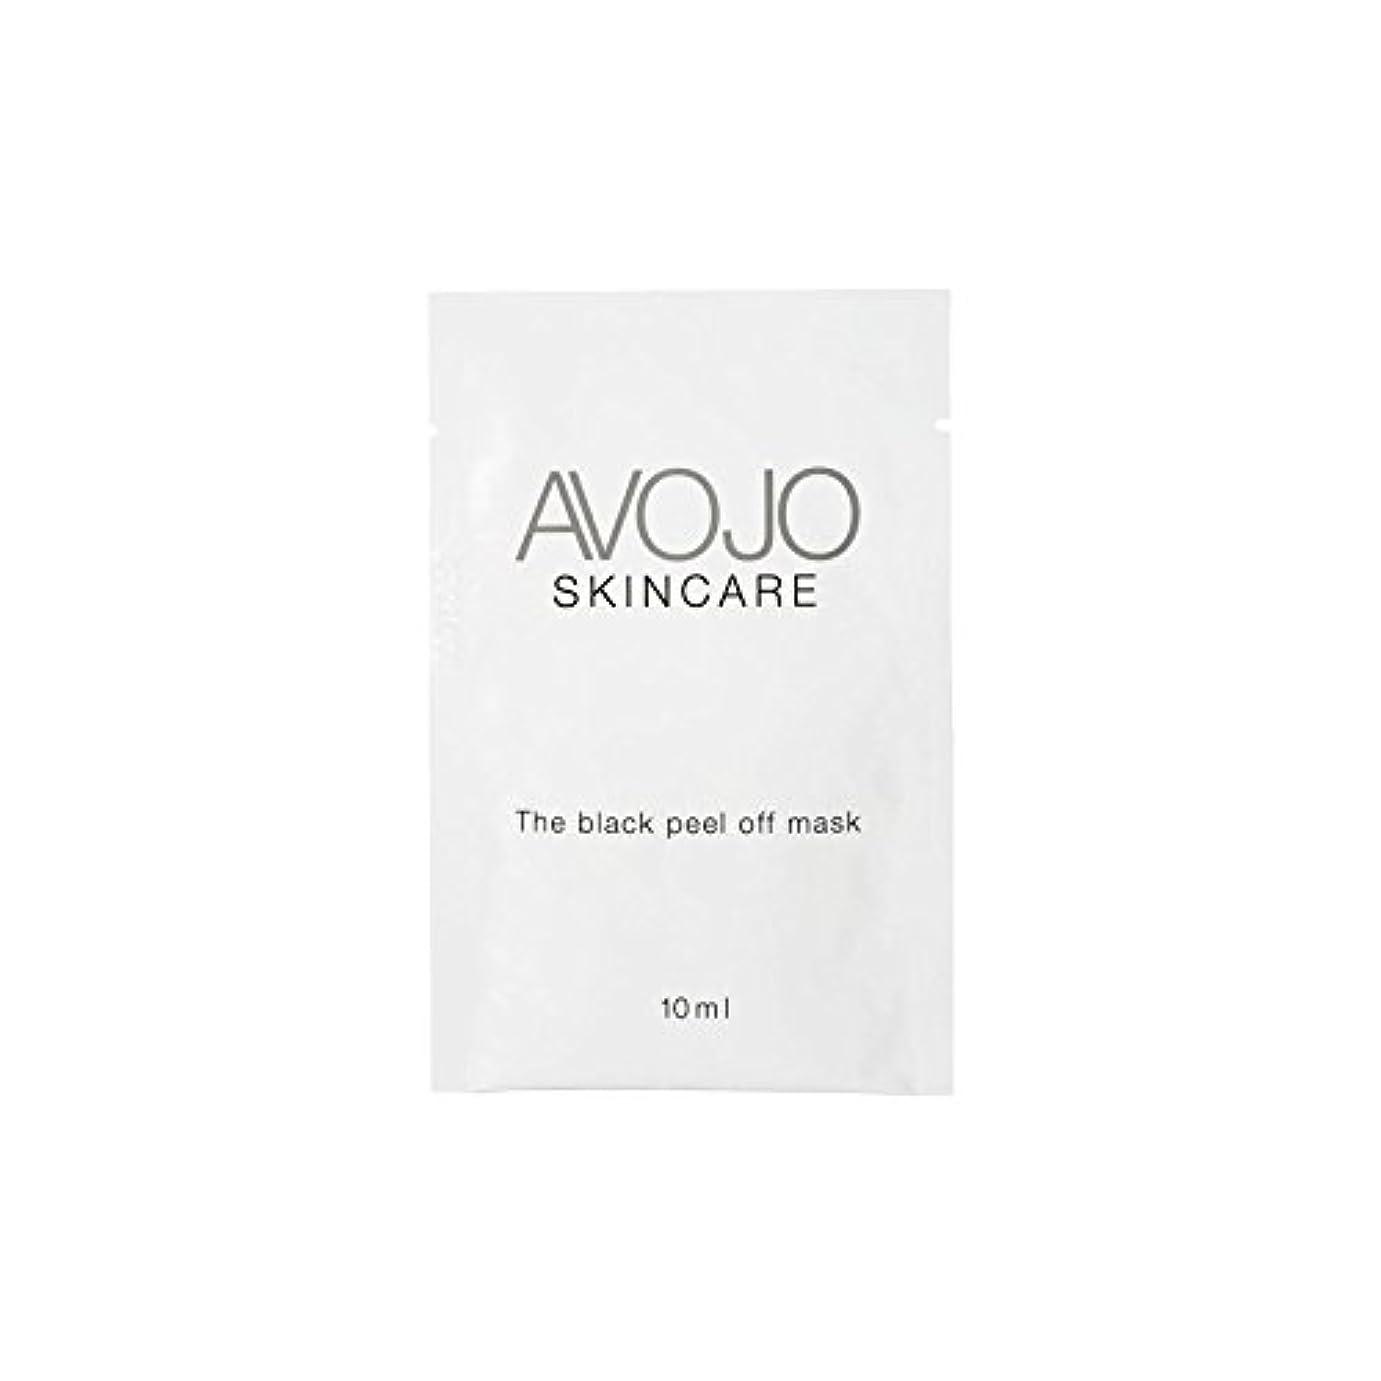 - ブラックピールオフマスク - 小袋(10ミリリットル×4) x4 - Avojo - The Black Peel Off Mask - Sachet (10ml X 4) (Pack of 4) [並行輸入品]